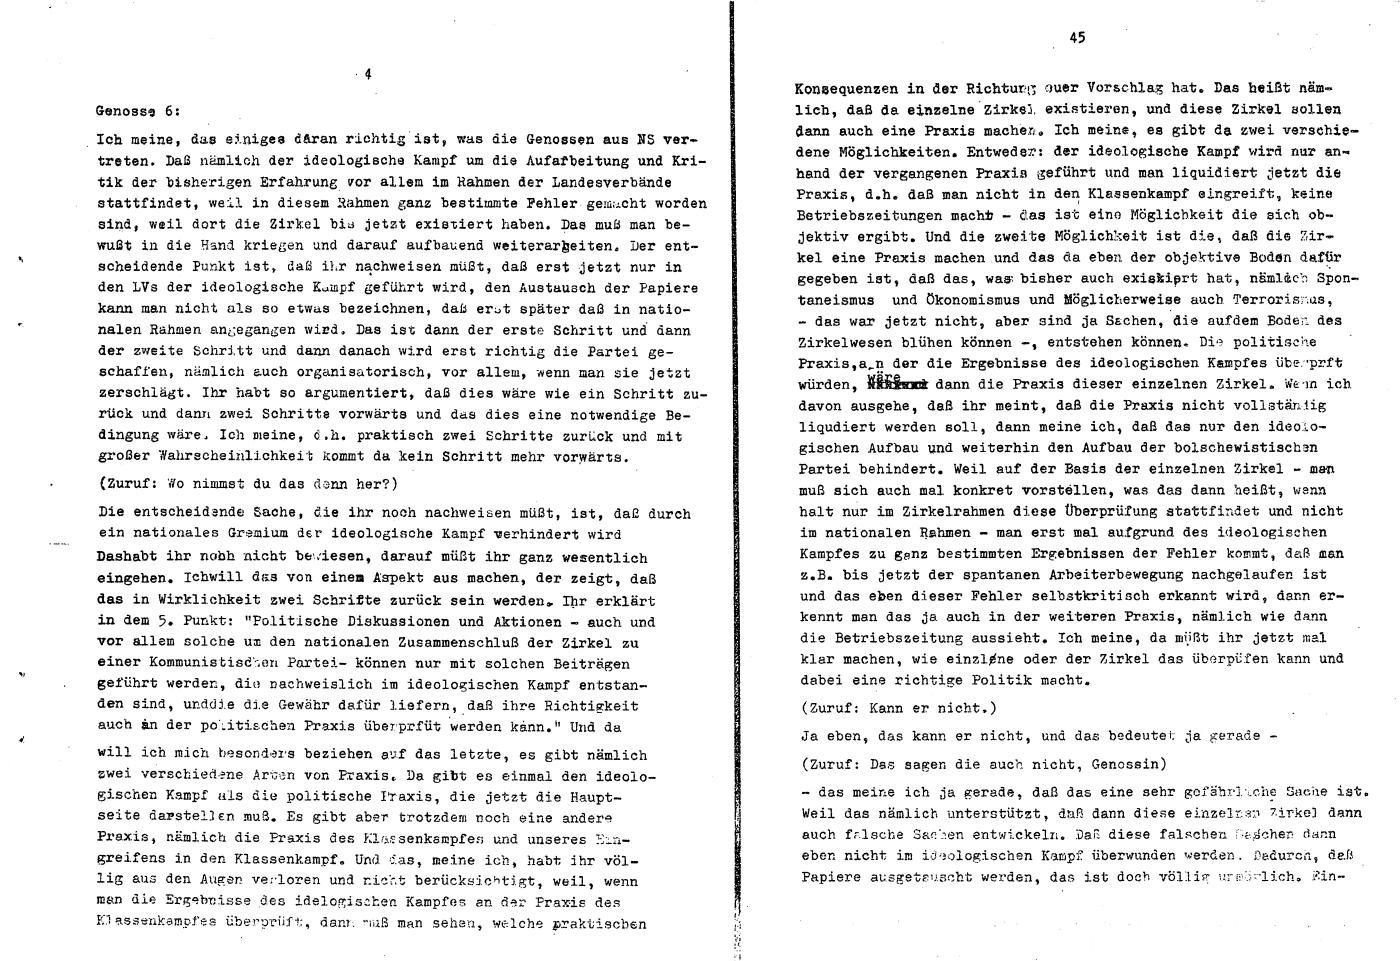 KPDML_1971_Wortprotokolle_aoPt_012